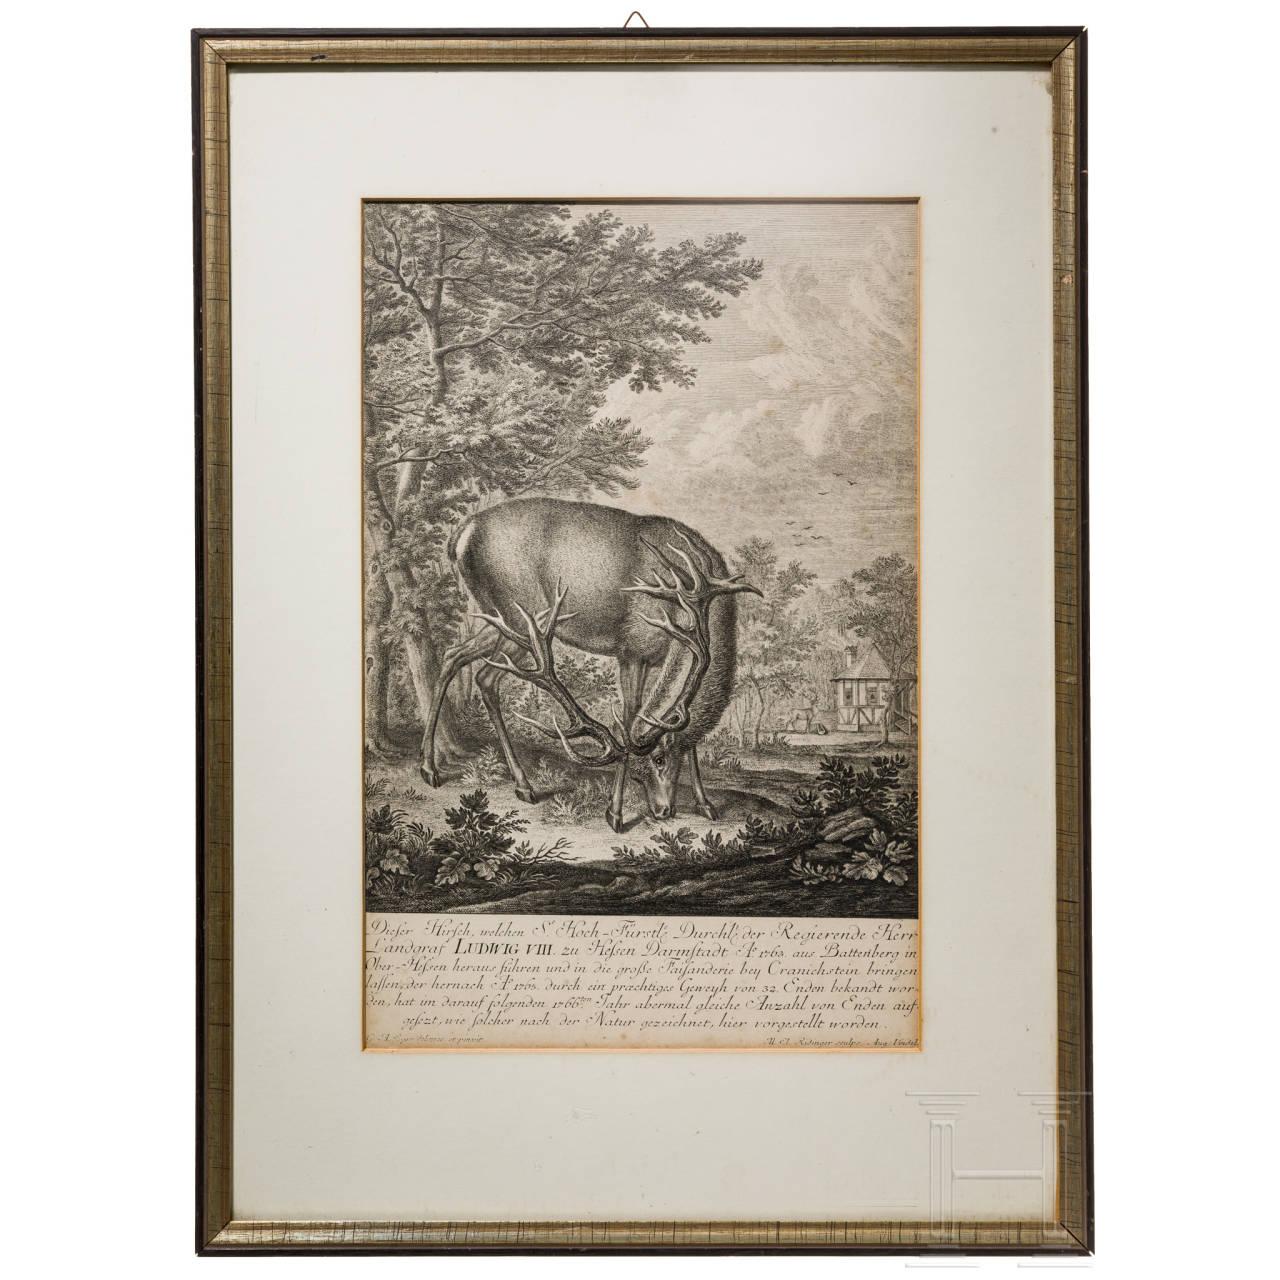 Johann Elias Ridinger (1698 - 1767), jagdlicher Kupferstich, undatiert